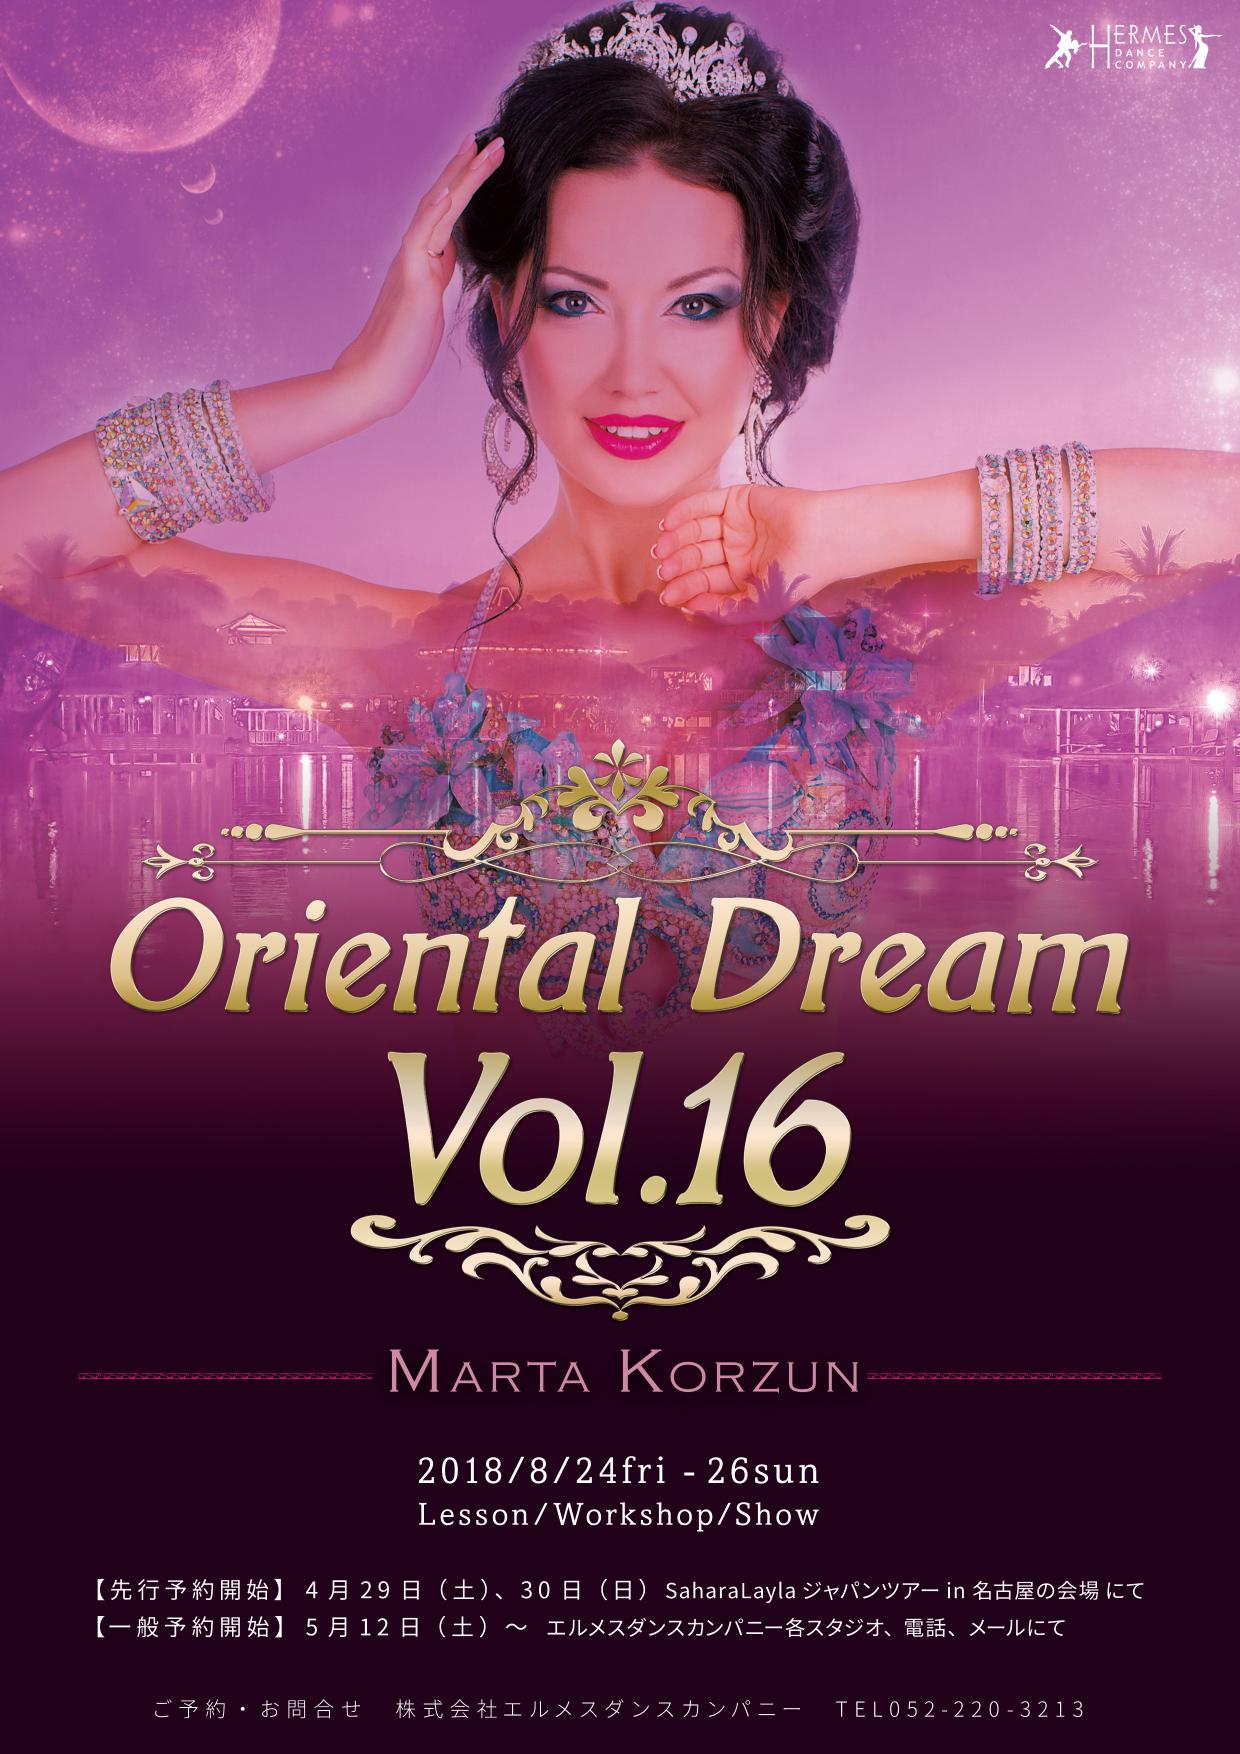 OrientalDream vol.16☆5/12予約スタート